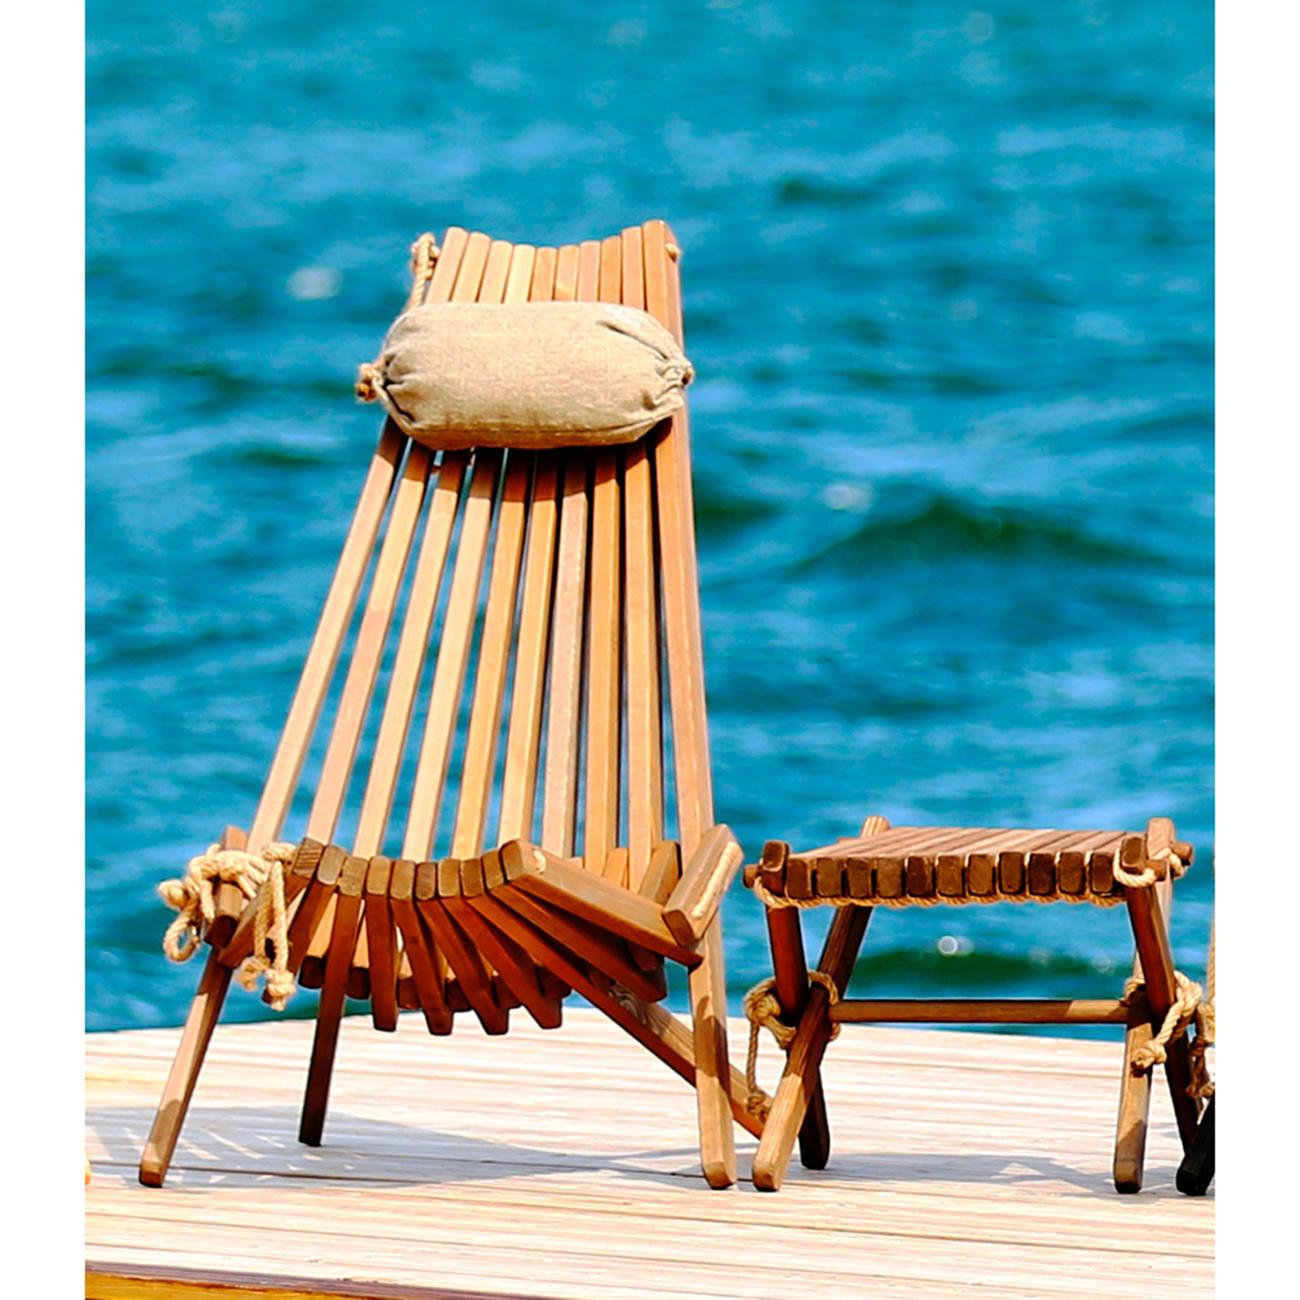 Liegestuhl design  Gartenmöbel mit Pro-Idee-Service und -Garantie bestellen.